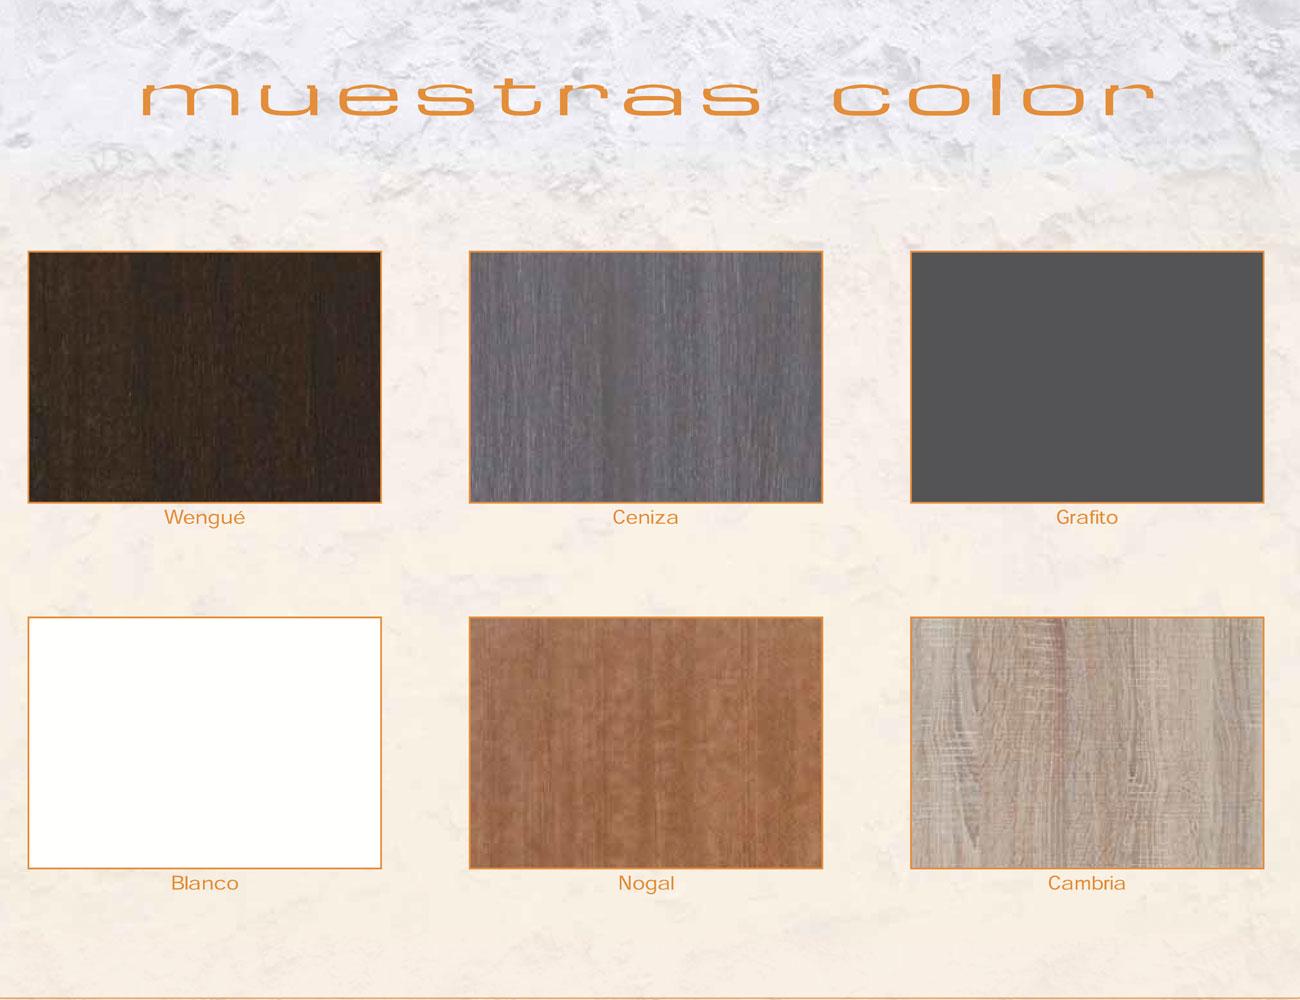 Muestras color muebles expo4